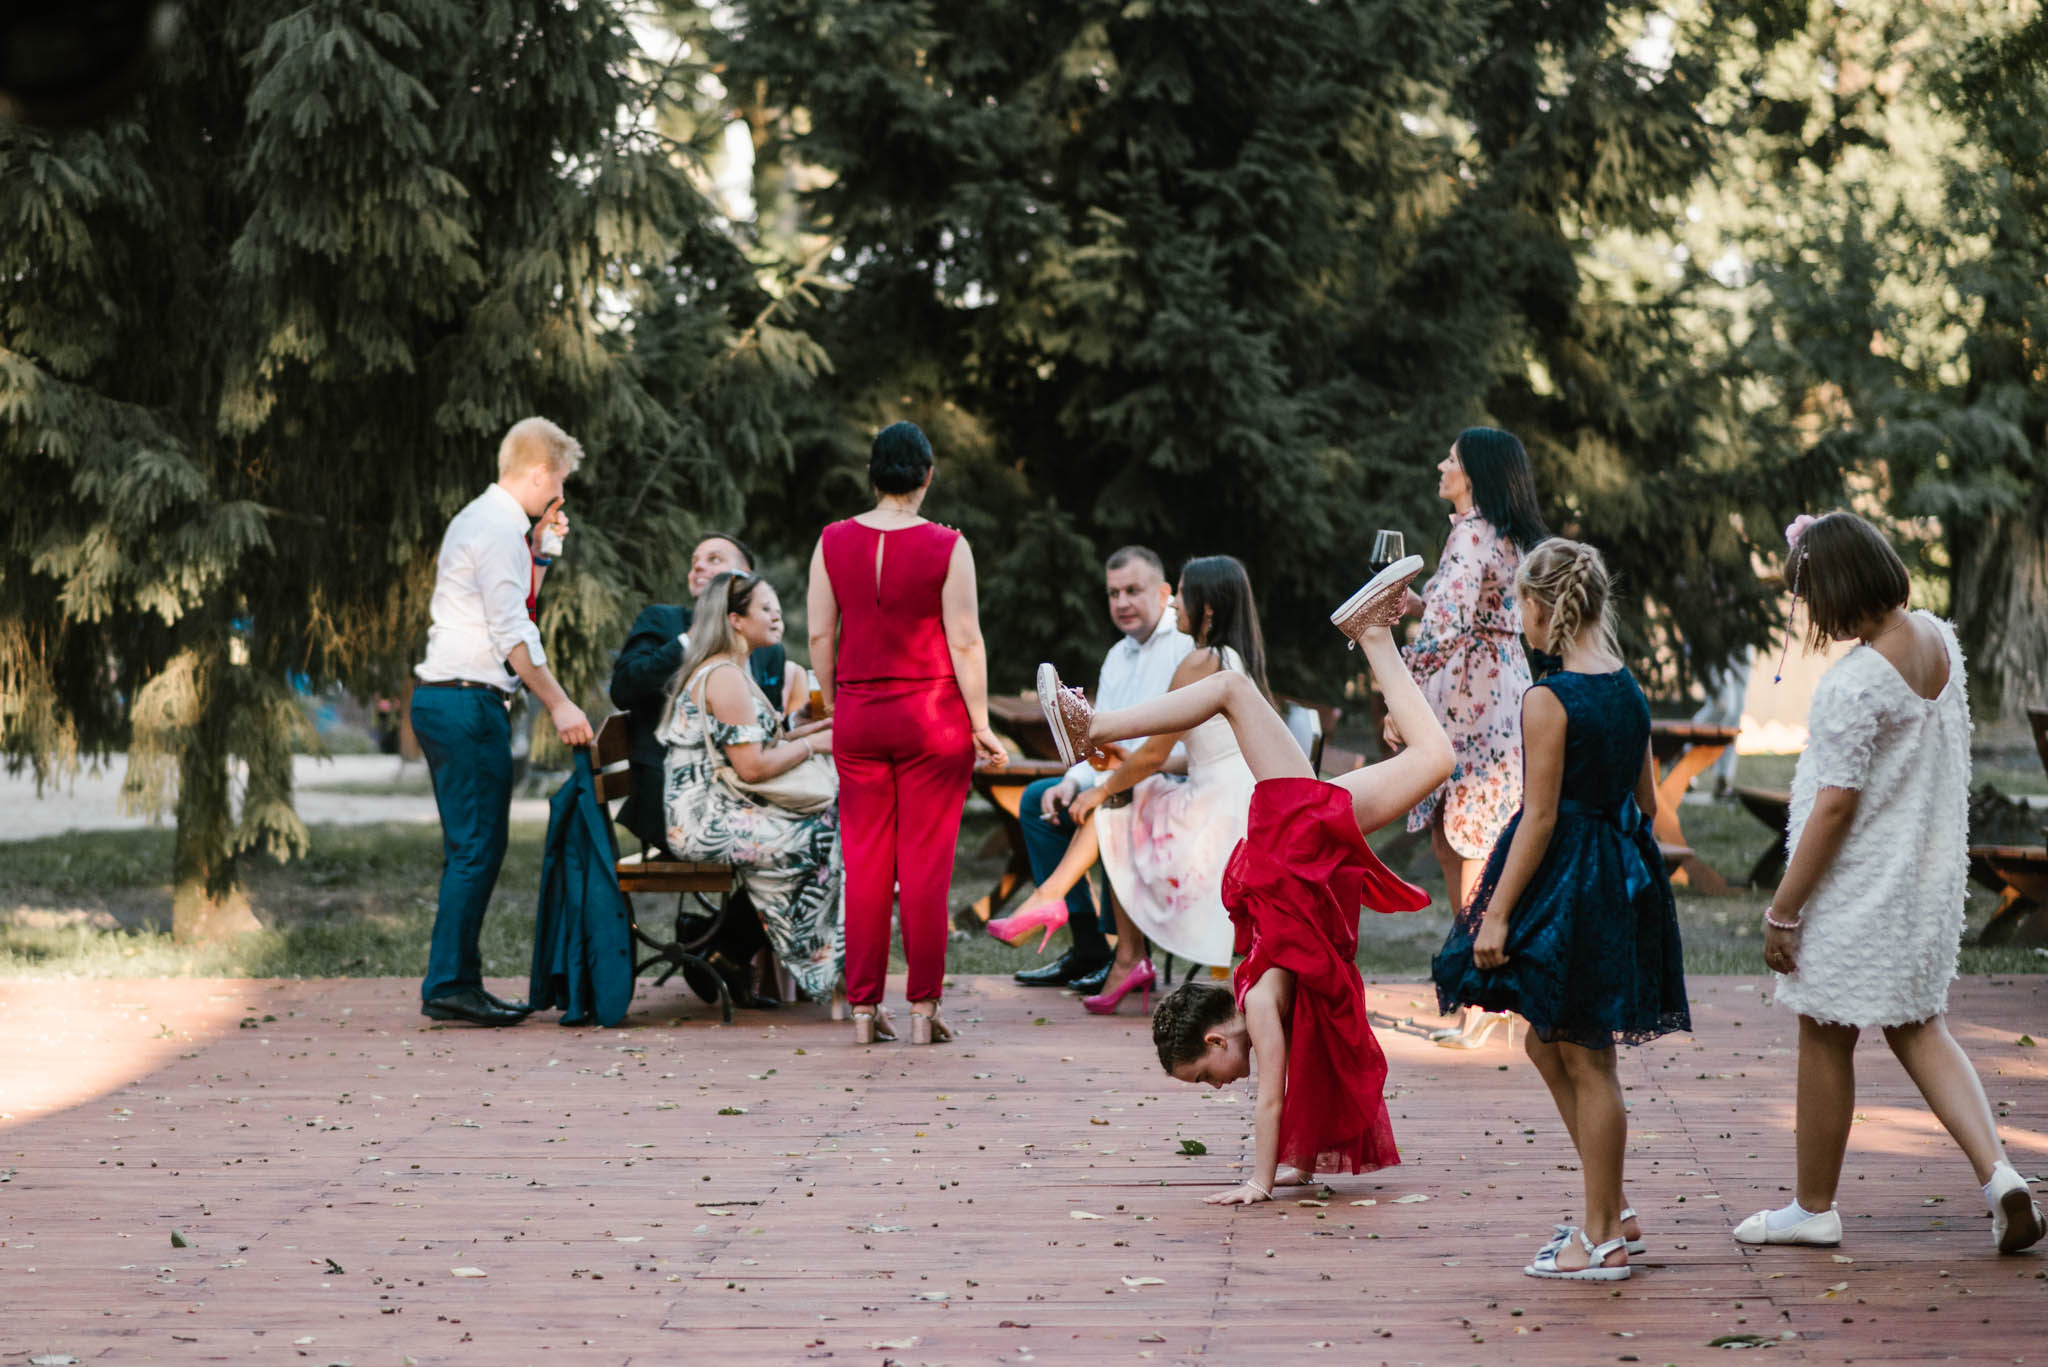 Zabawa dzieci na weselu - sesja ślubna na Wyspie Św. Edwarda Zaniemyśl